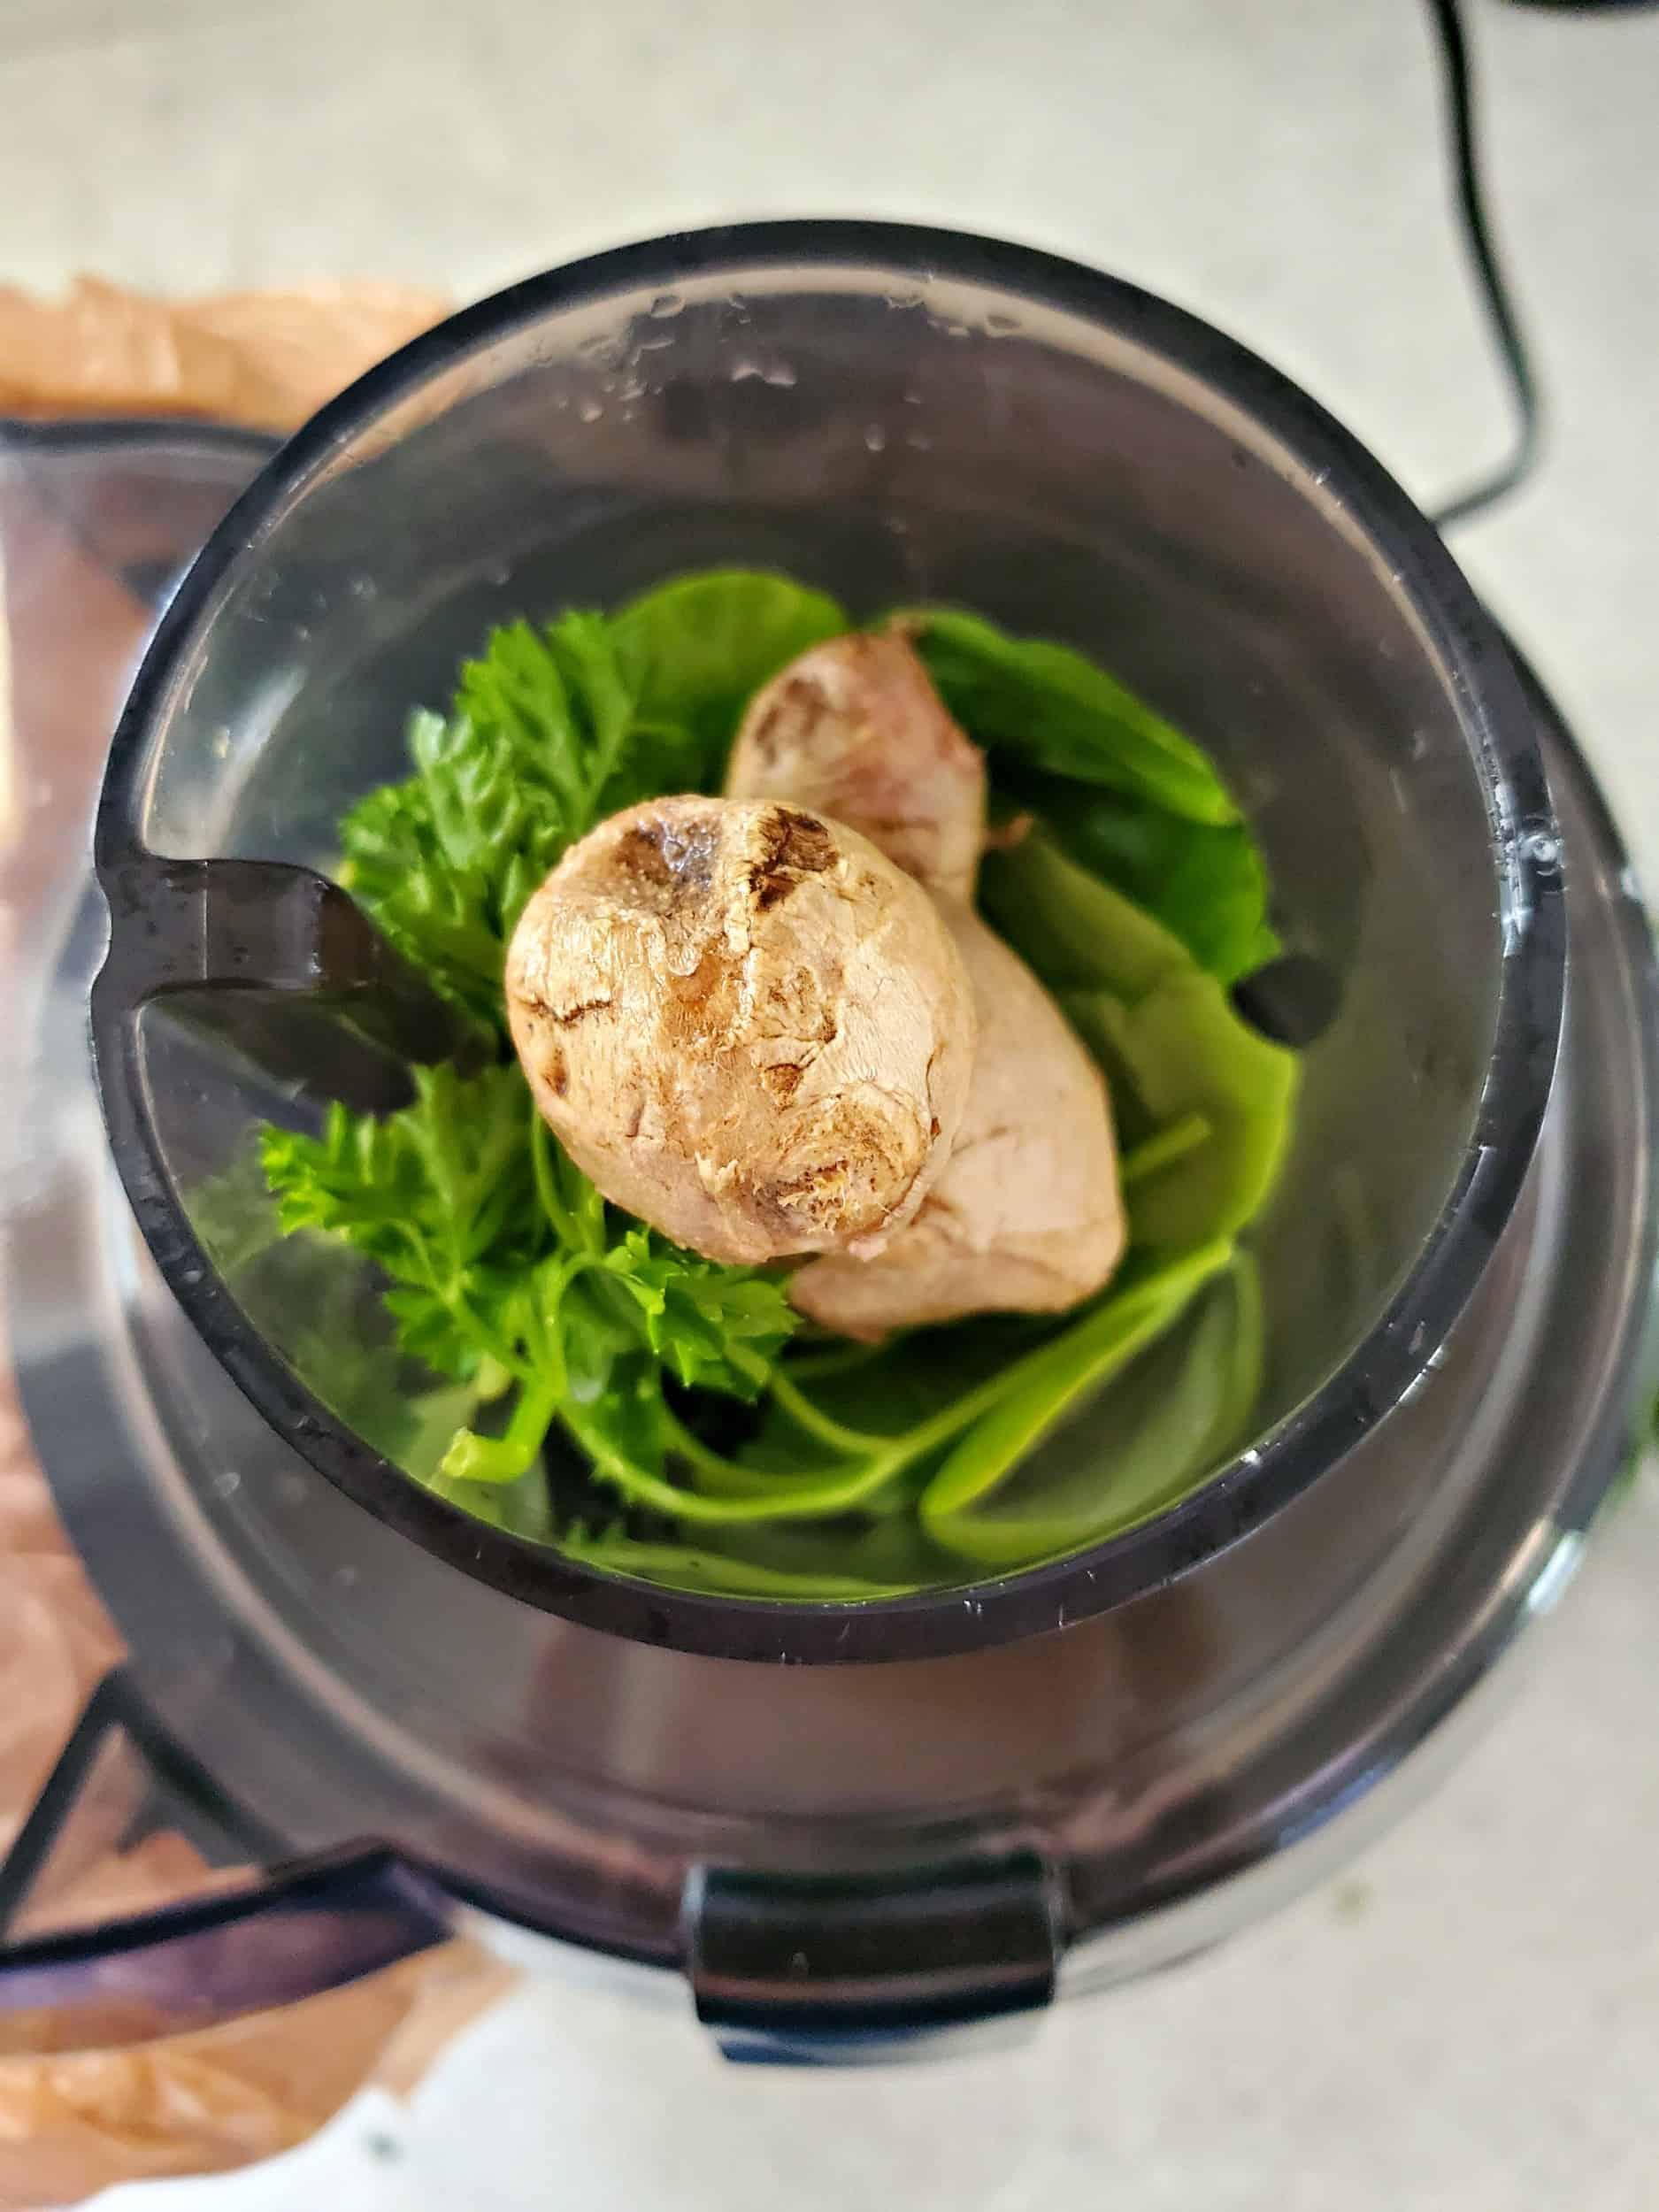 placing ingredients in a juicer